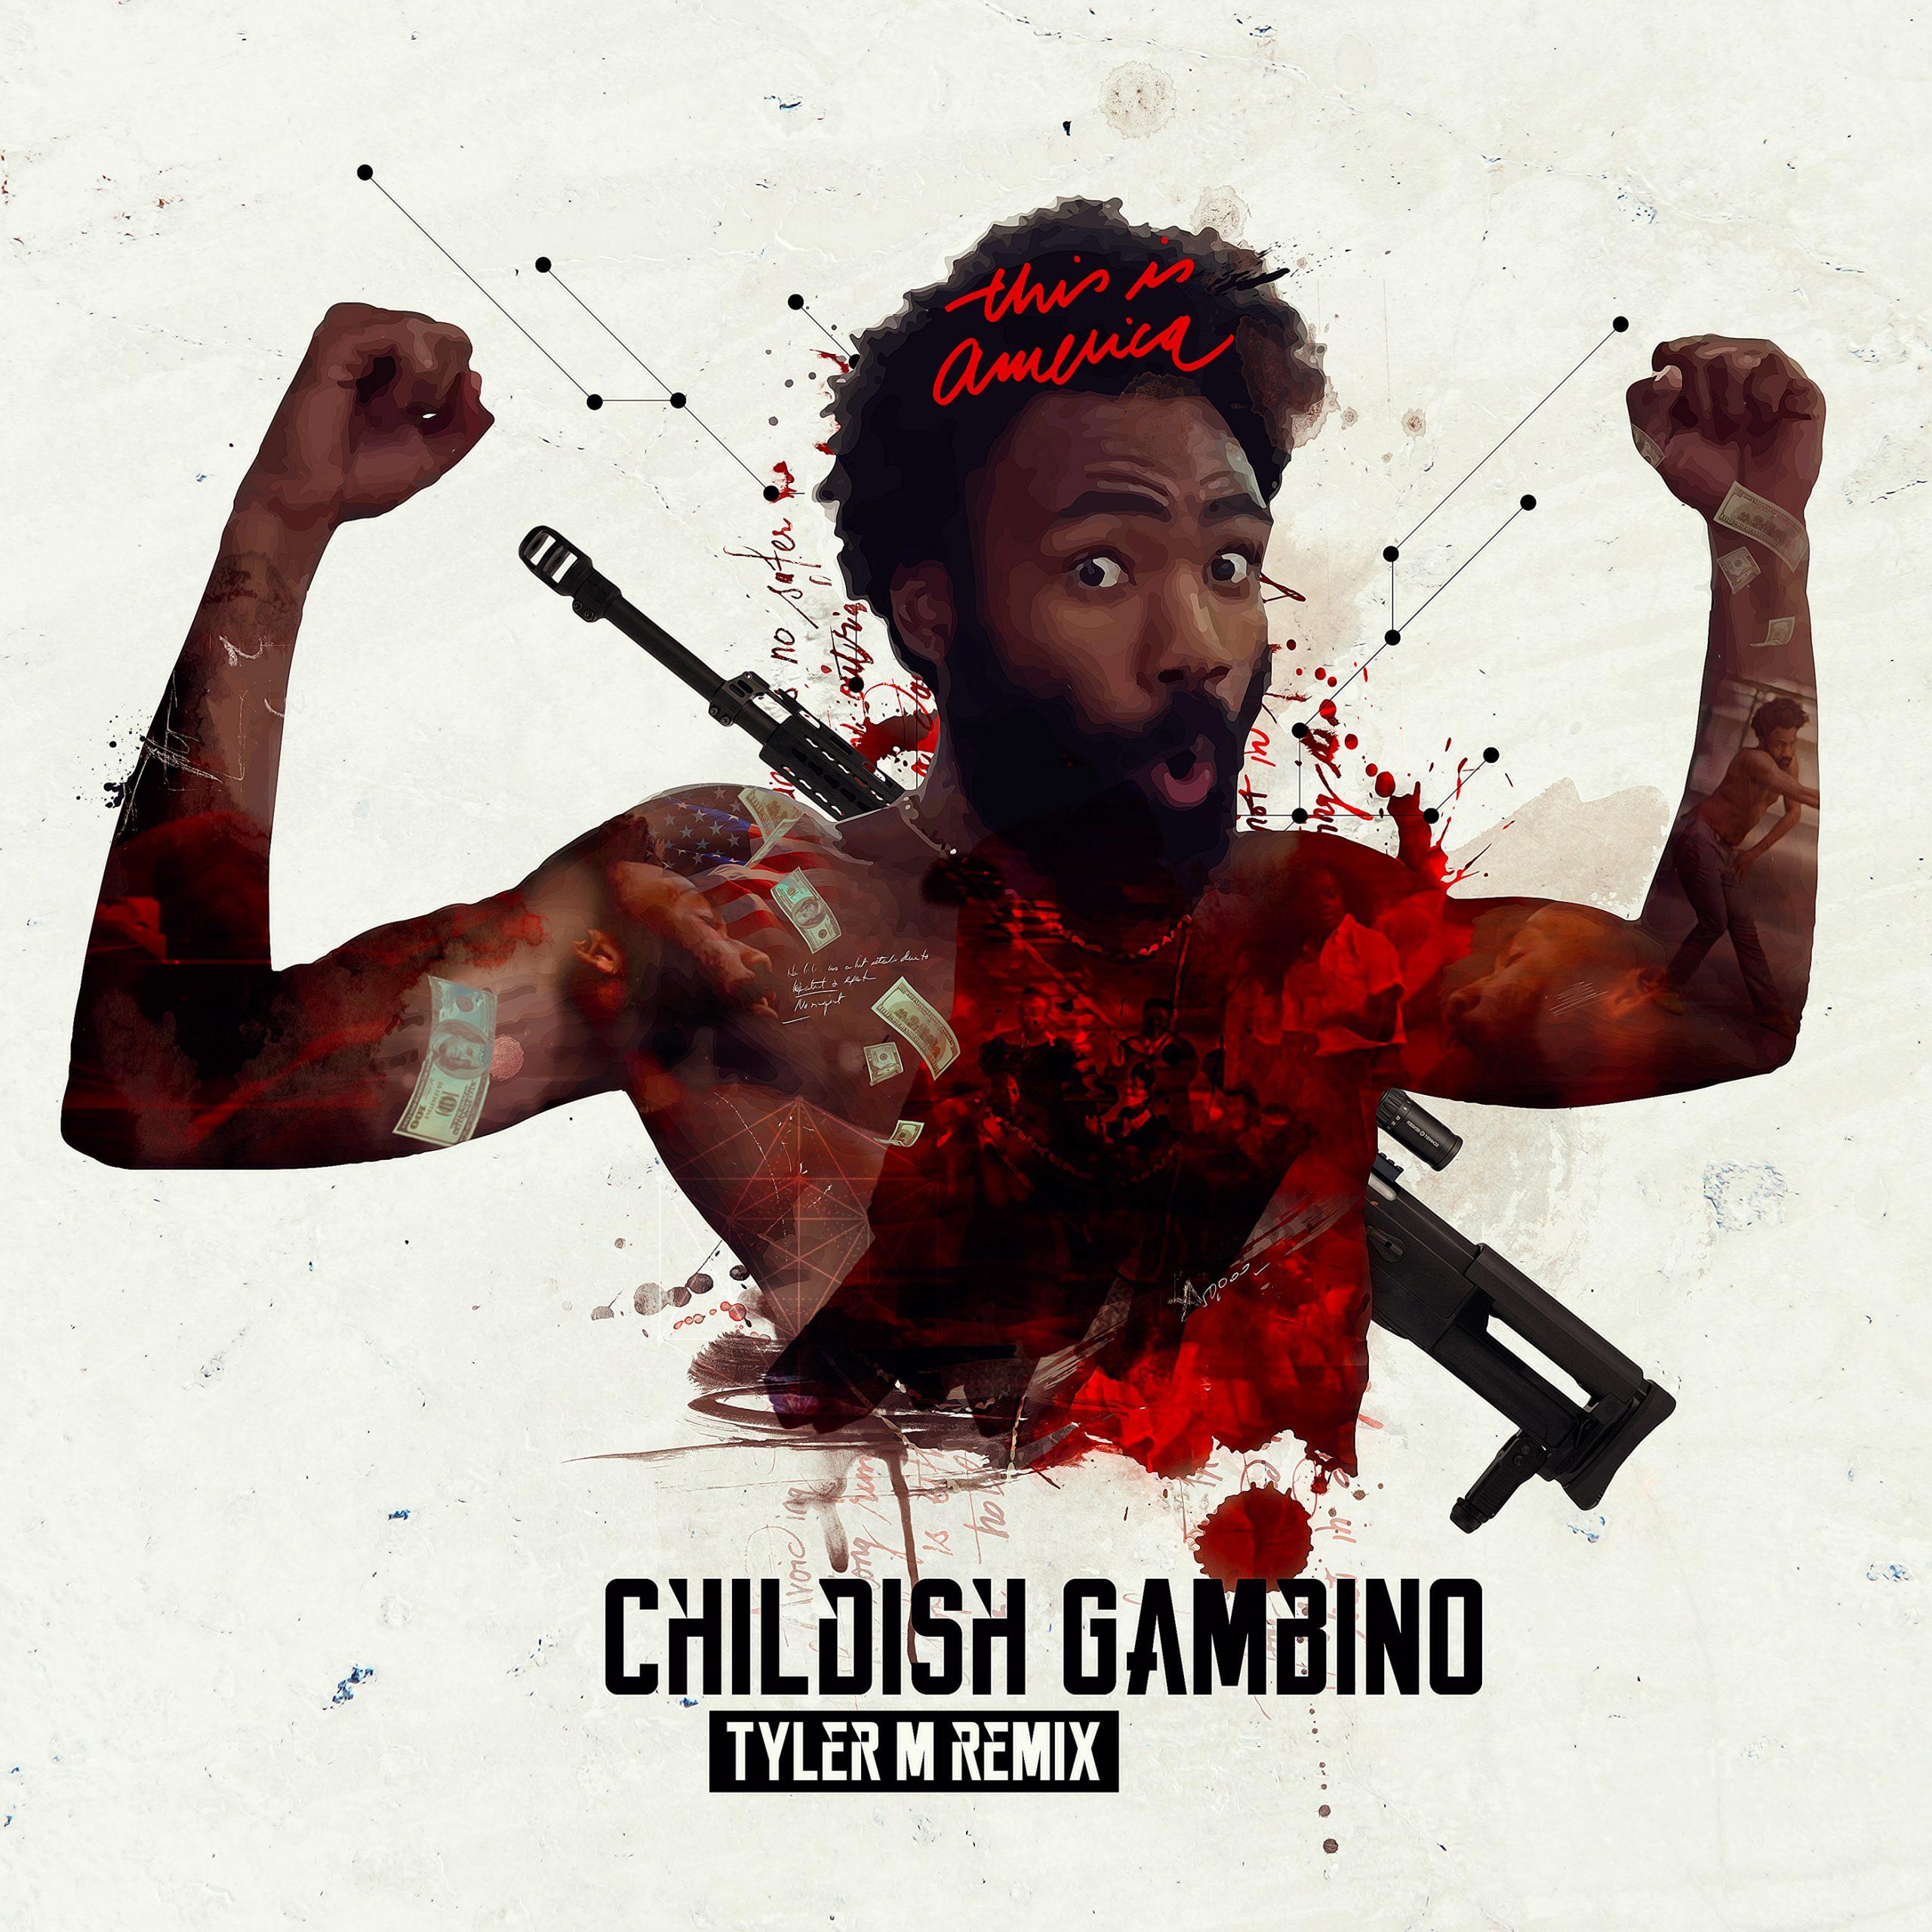 Childish Gambino This is America Remix album artwork cover